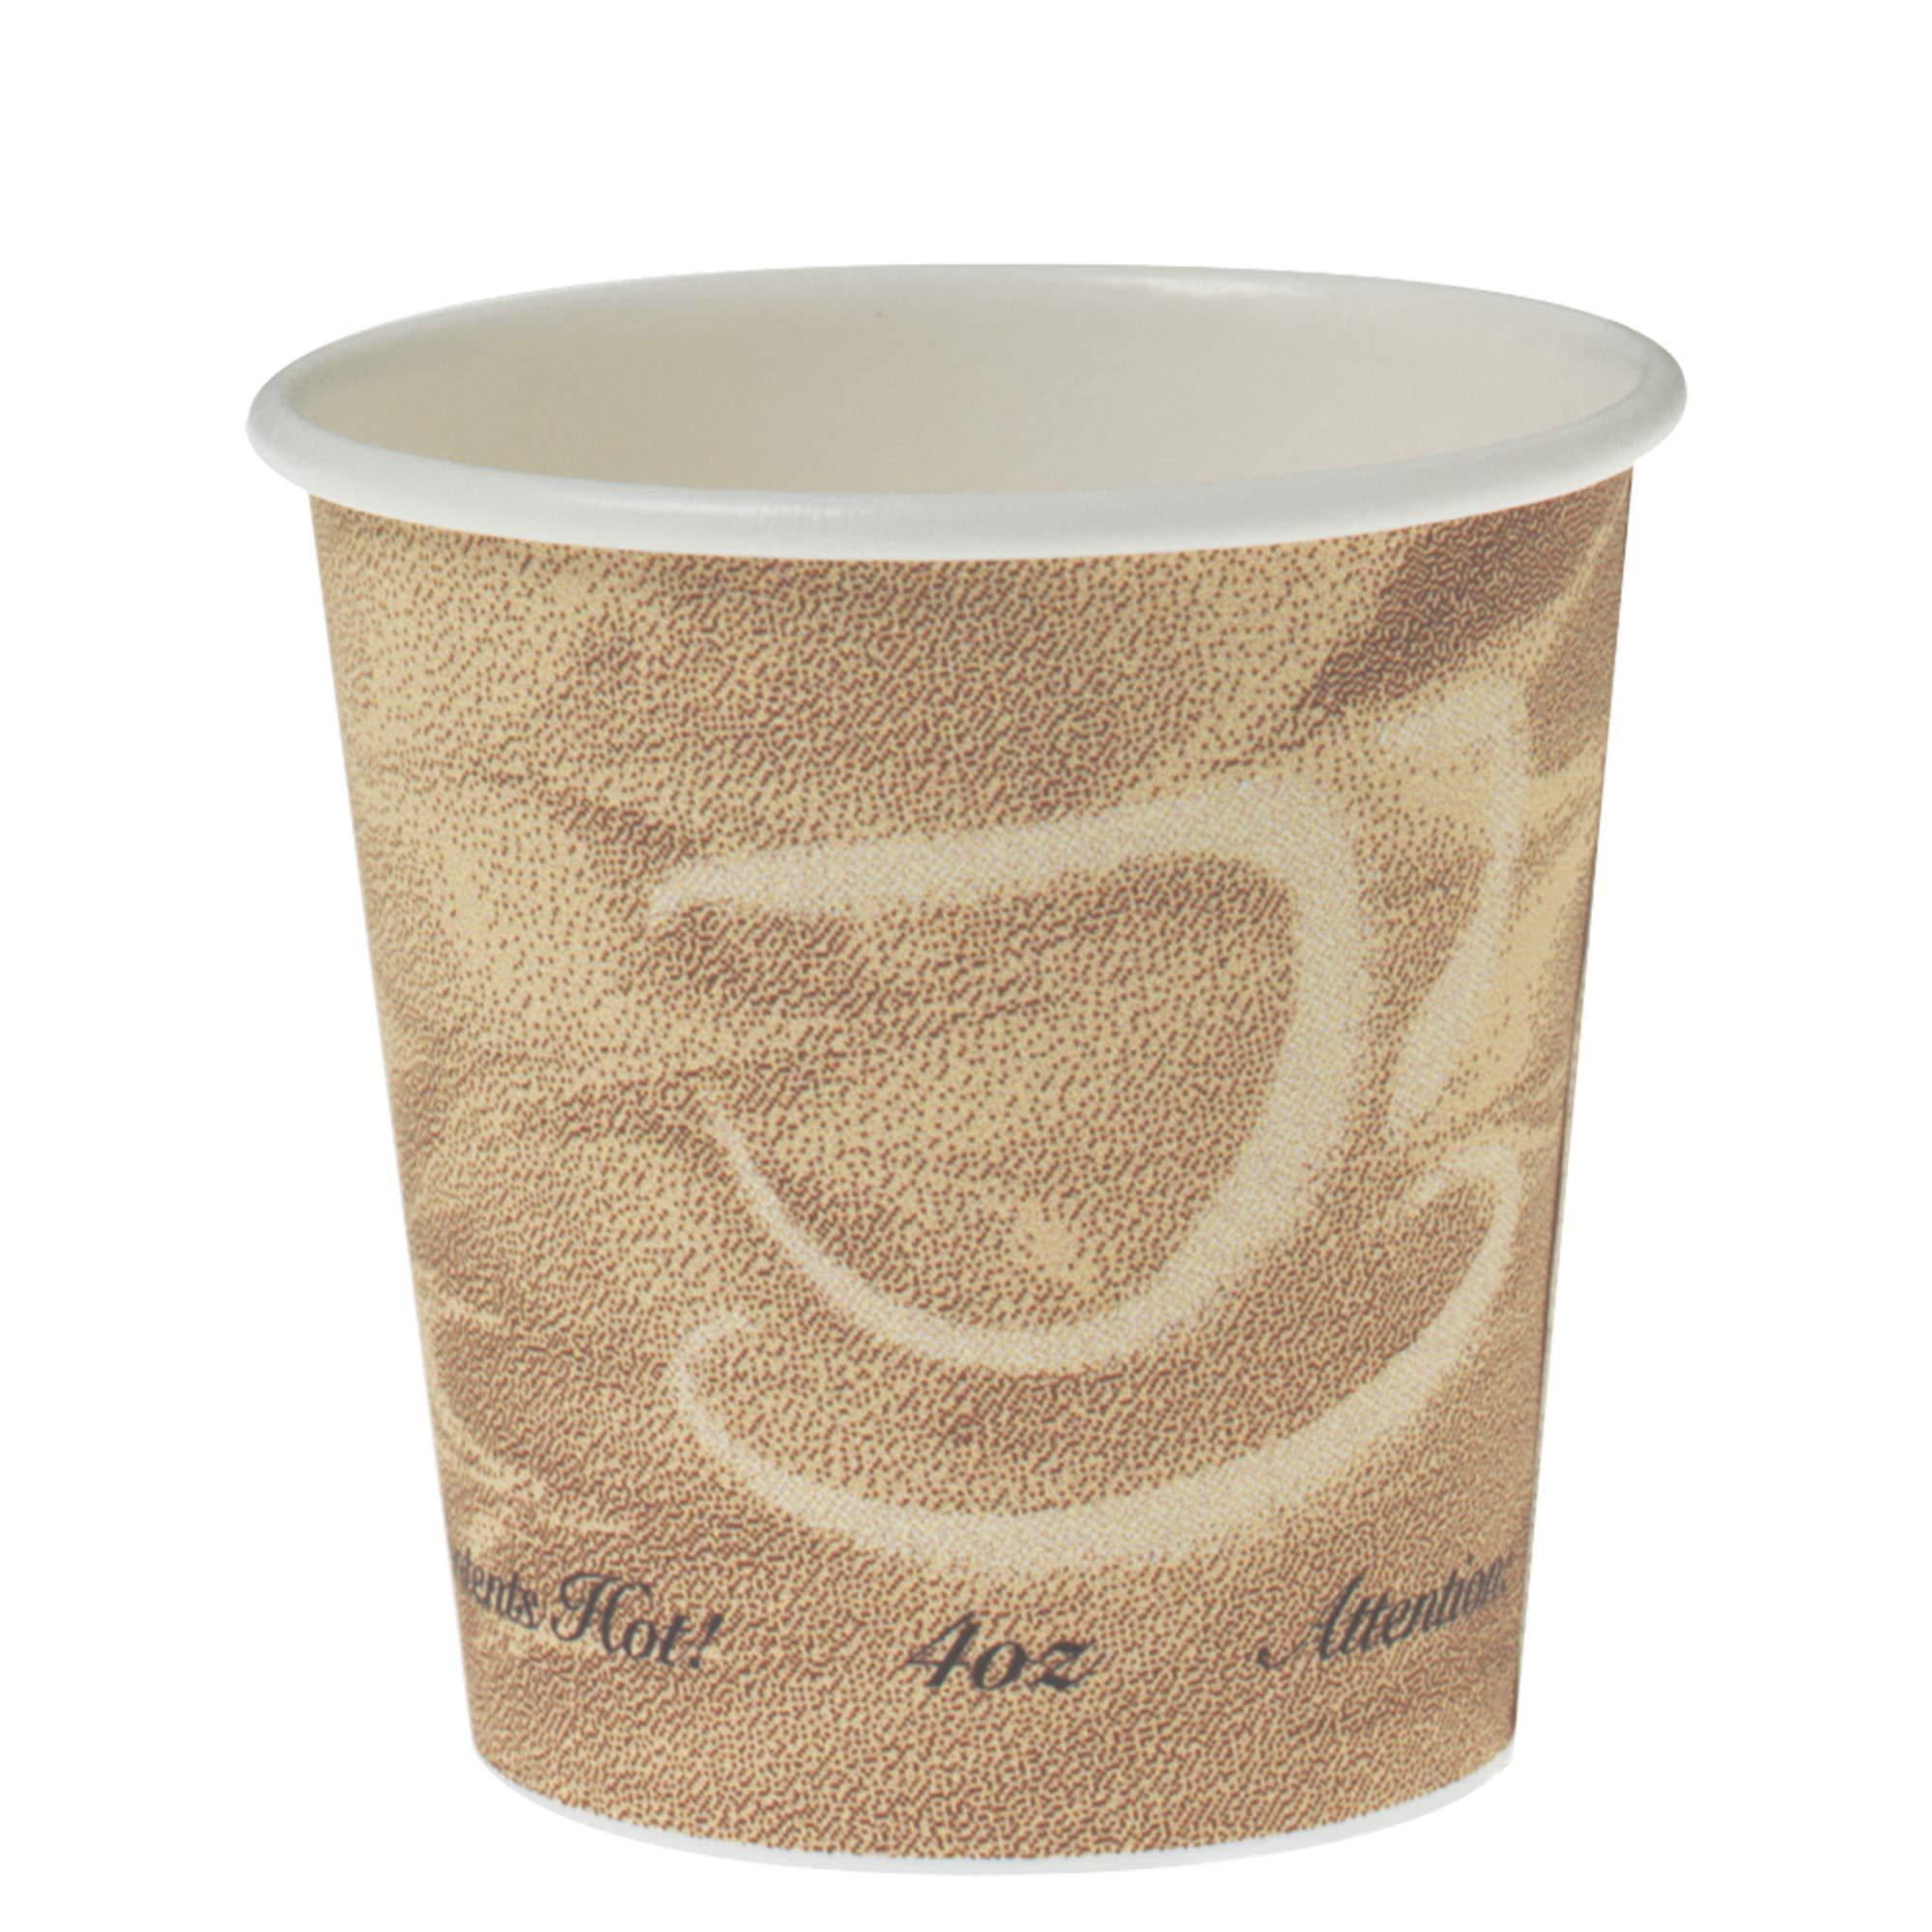 Solo 374MS-0029 4 oz Mistique SSP Paper Hot Cup (Case of 1000)